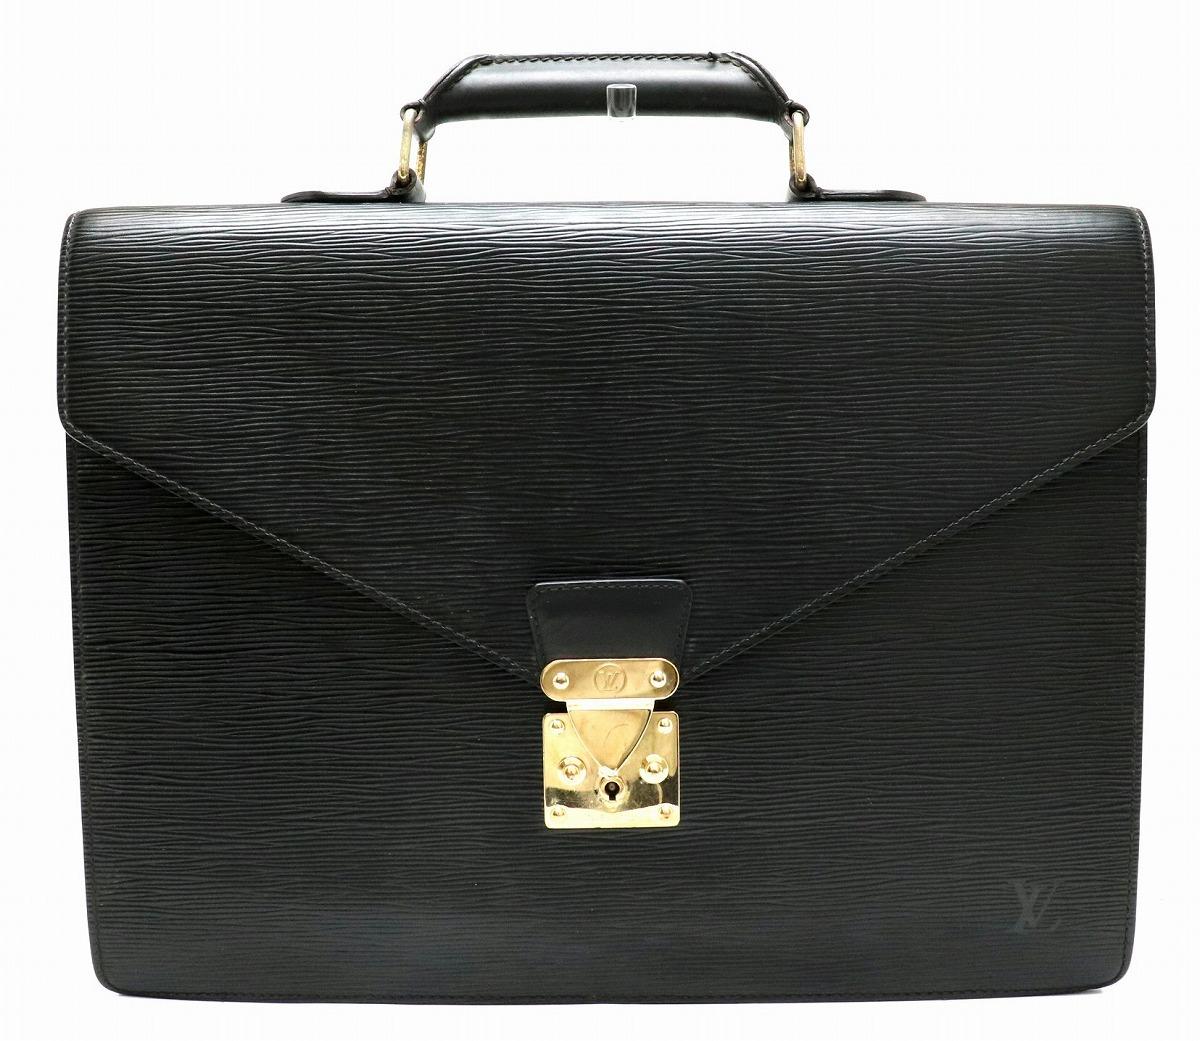 【バッグ】LOUIS VUITTON ルイ ヴィトン エピ セルヴィエット コンセイエ 書類カバン ビジネスバッグ ブリーフケース レザー ノワール 黒 ブラック M54422 【中古】